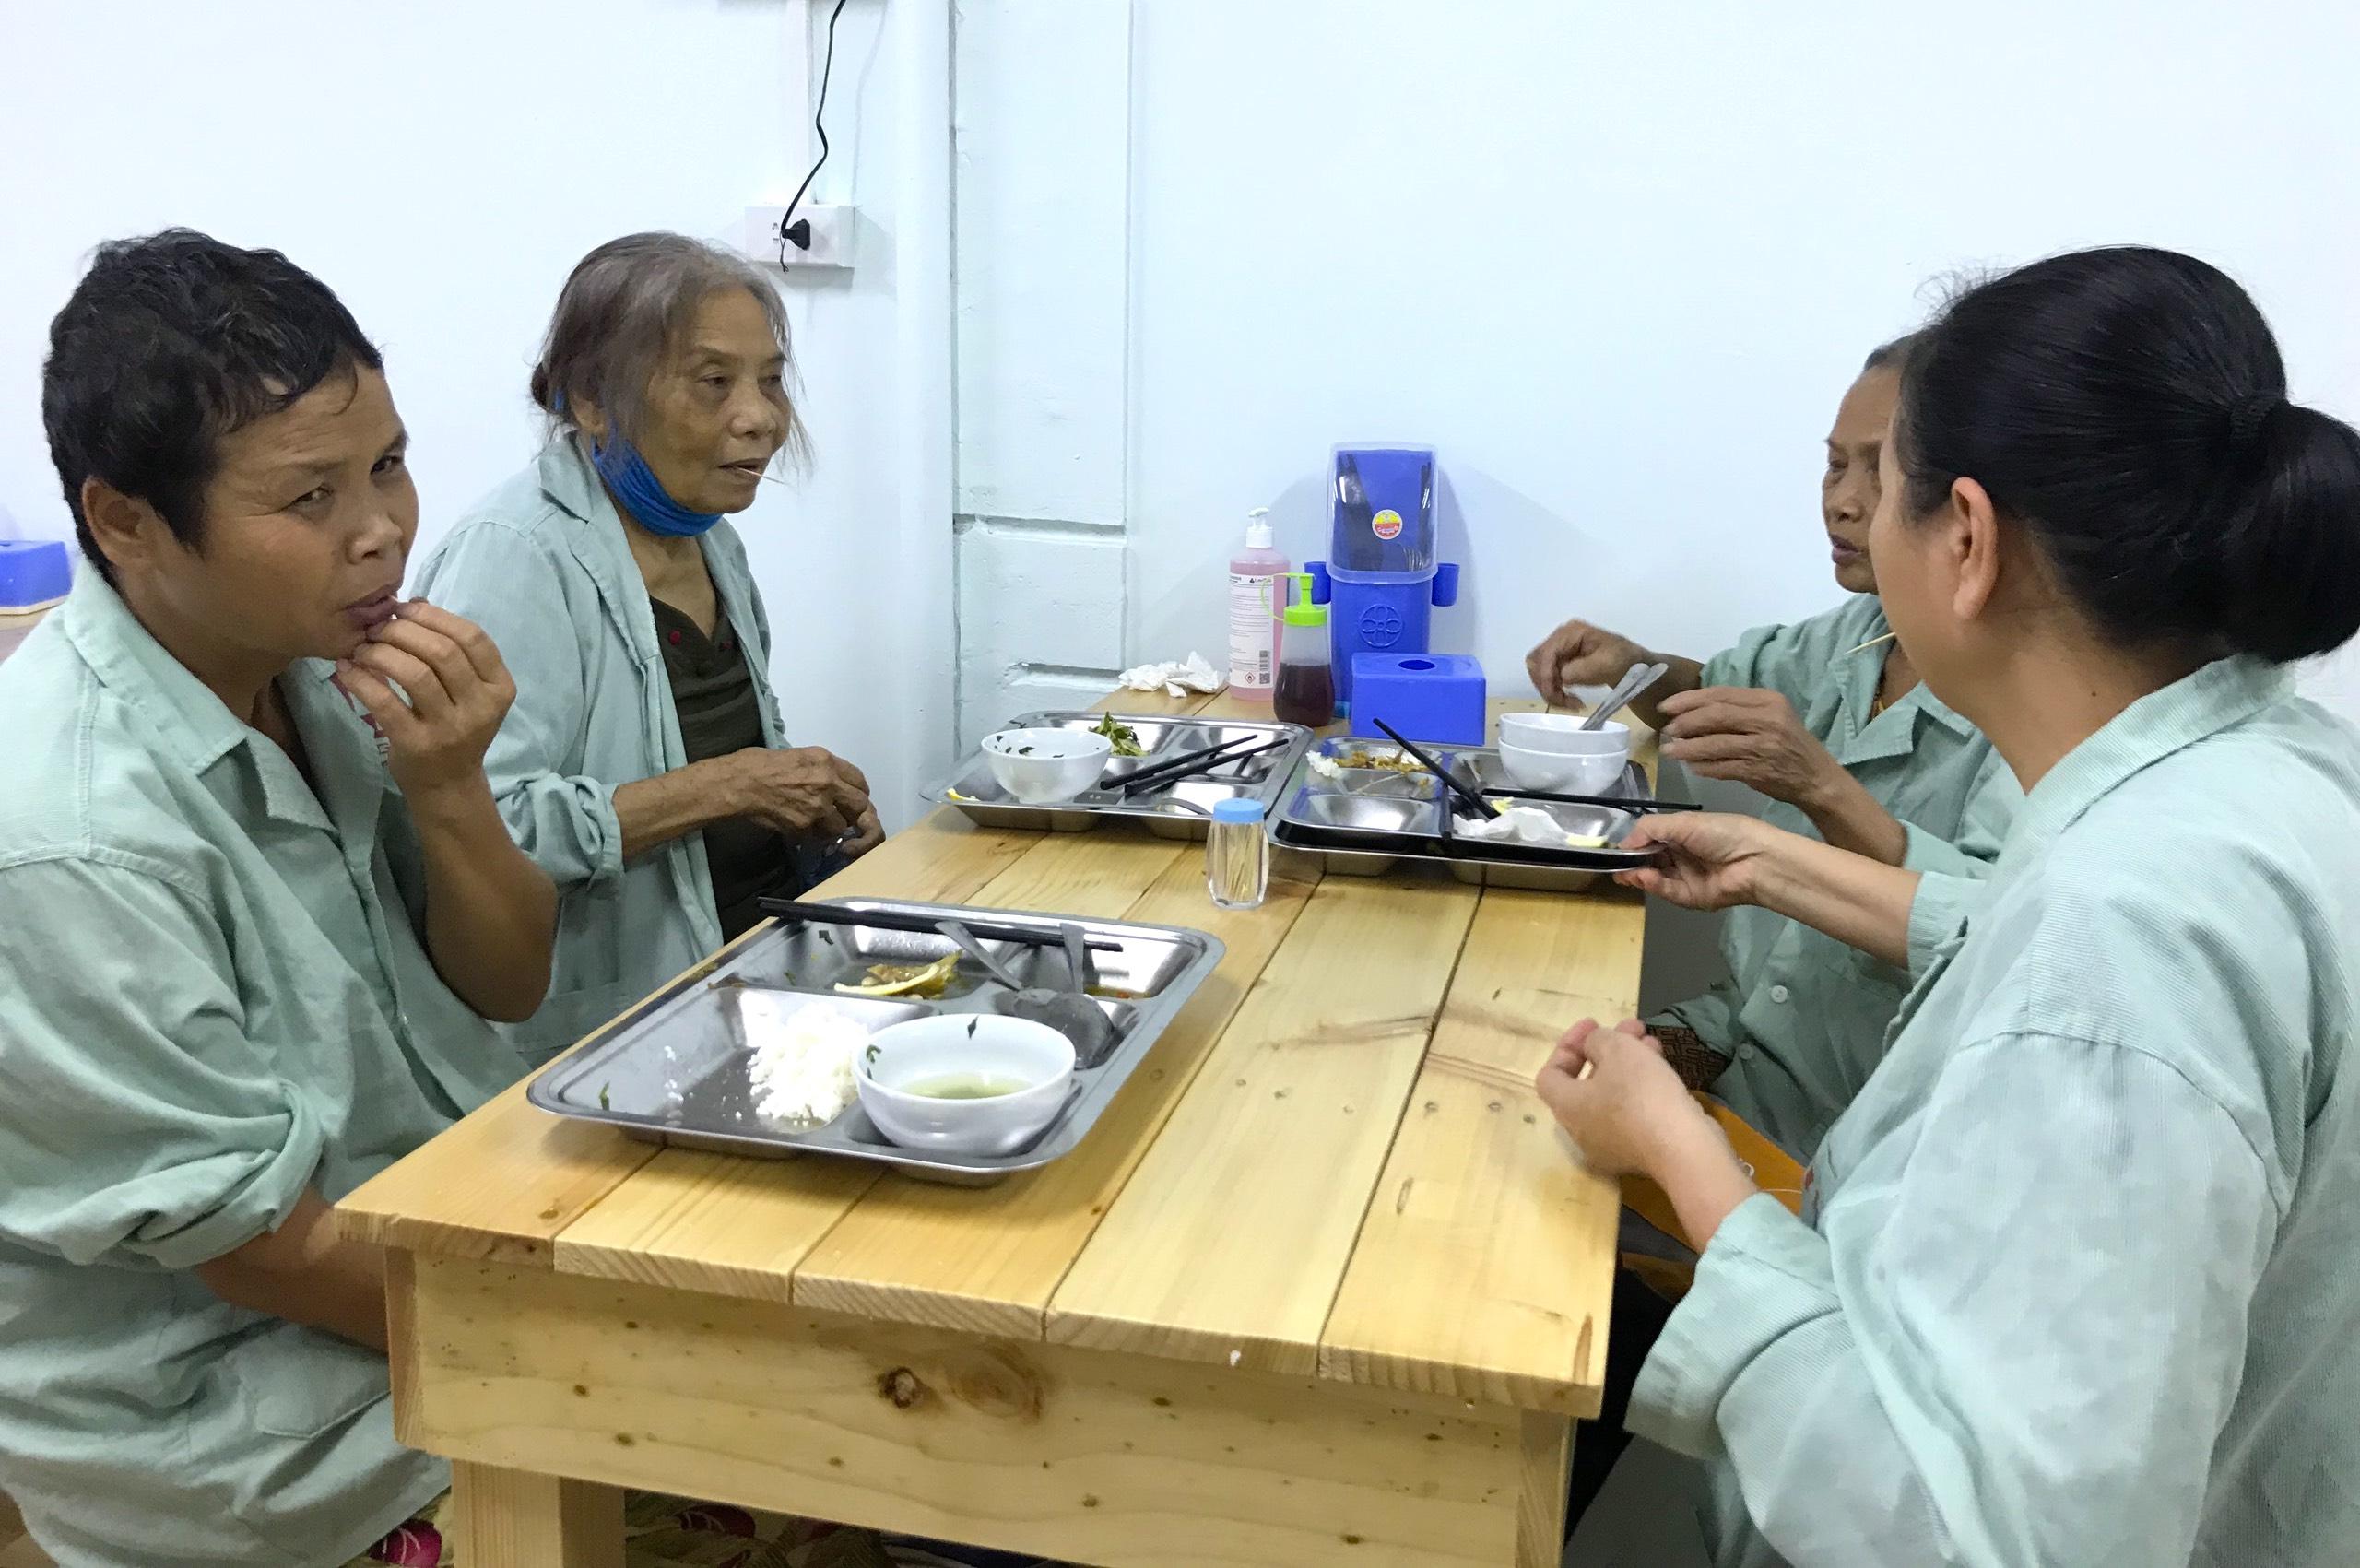 Quán cơm 2000 đồng đầu tiên ở Nghệ An: Ai không có tiền vẫn mời họ vào ăn - Ảnh 7.